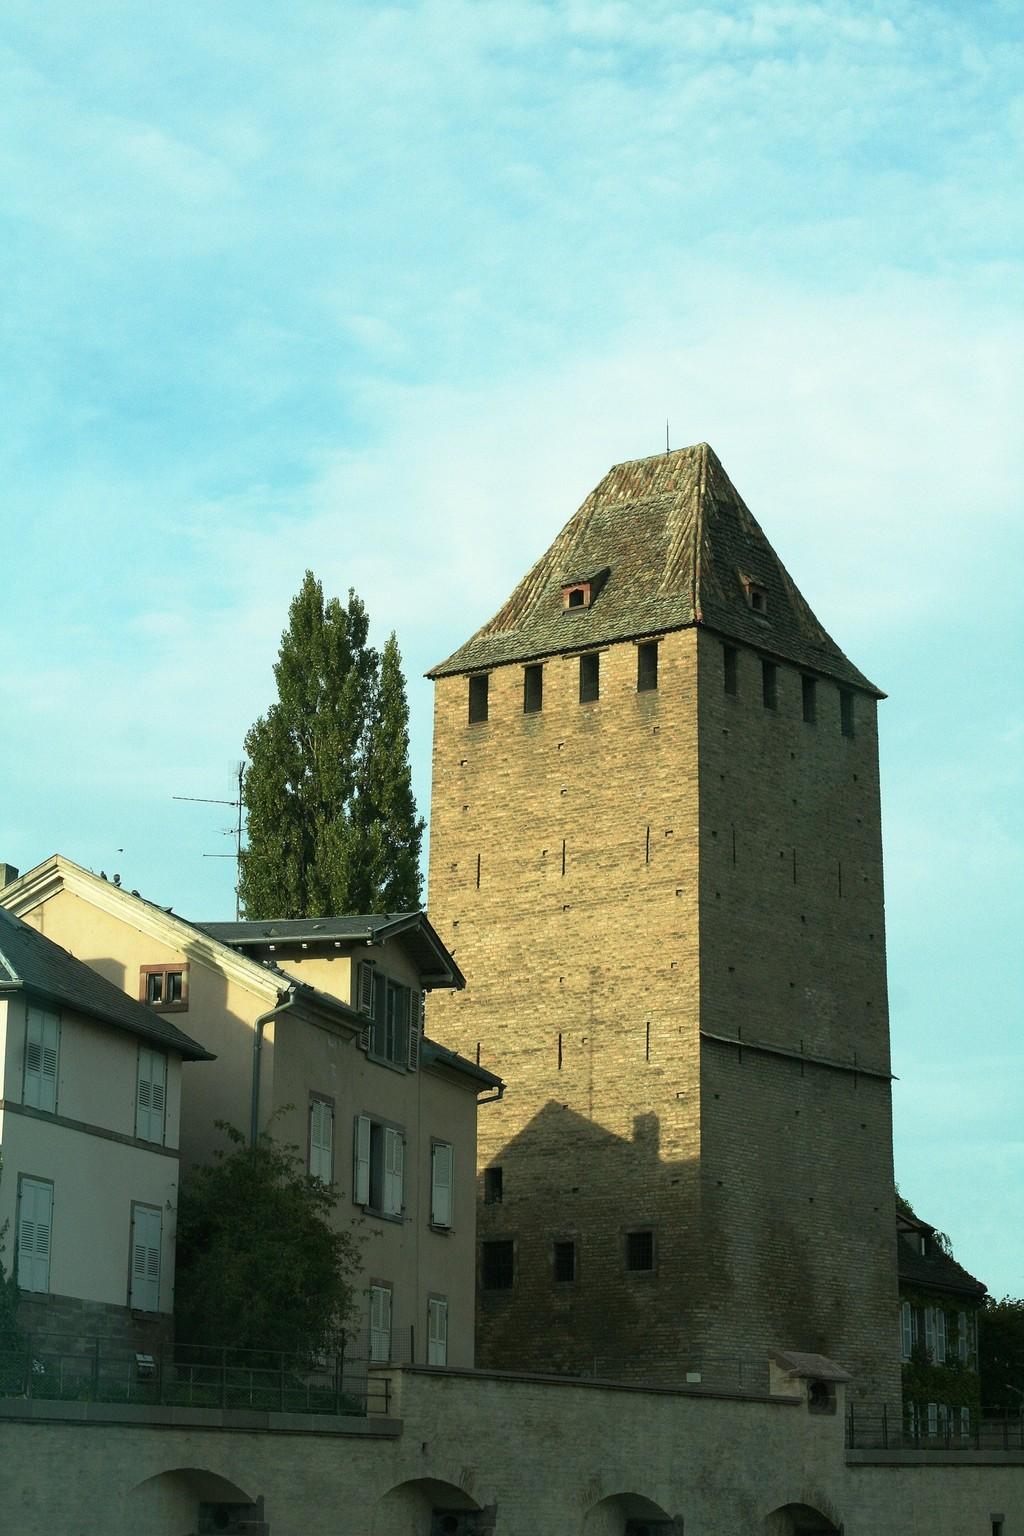 Strasburg część pierwsza: mój pierwszy tydzień w Alsace